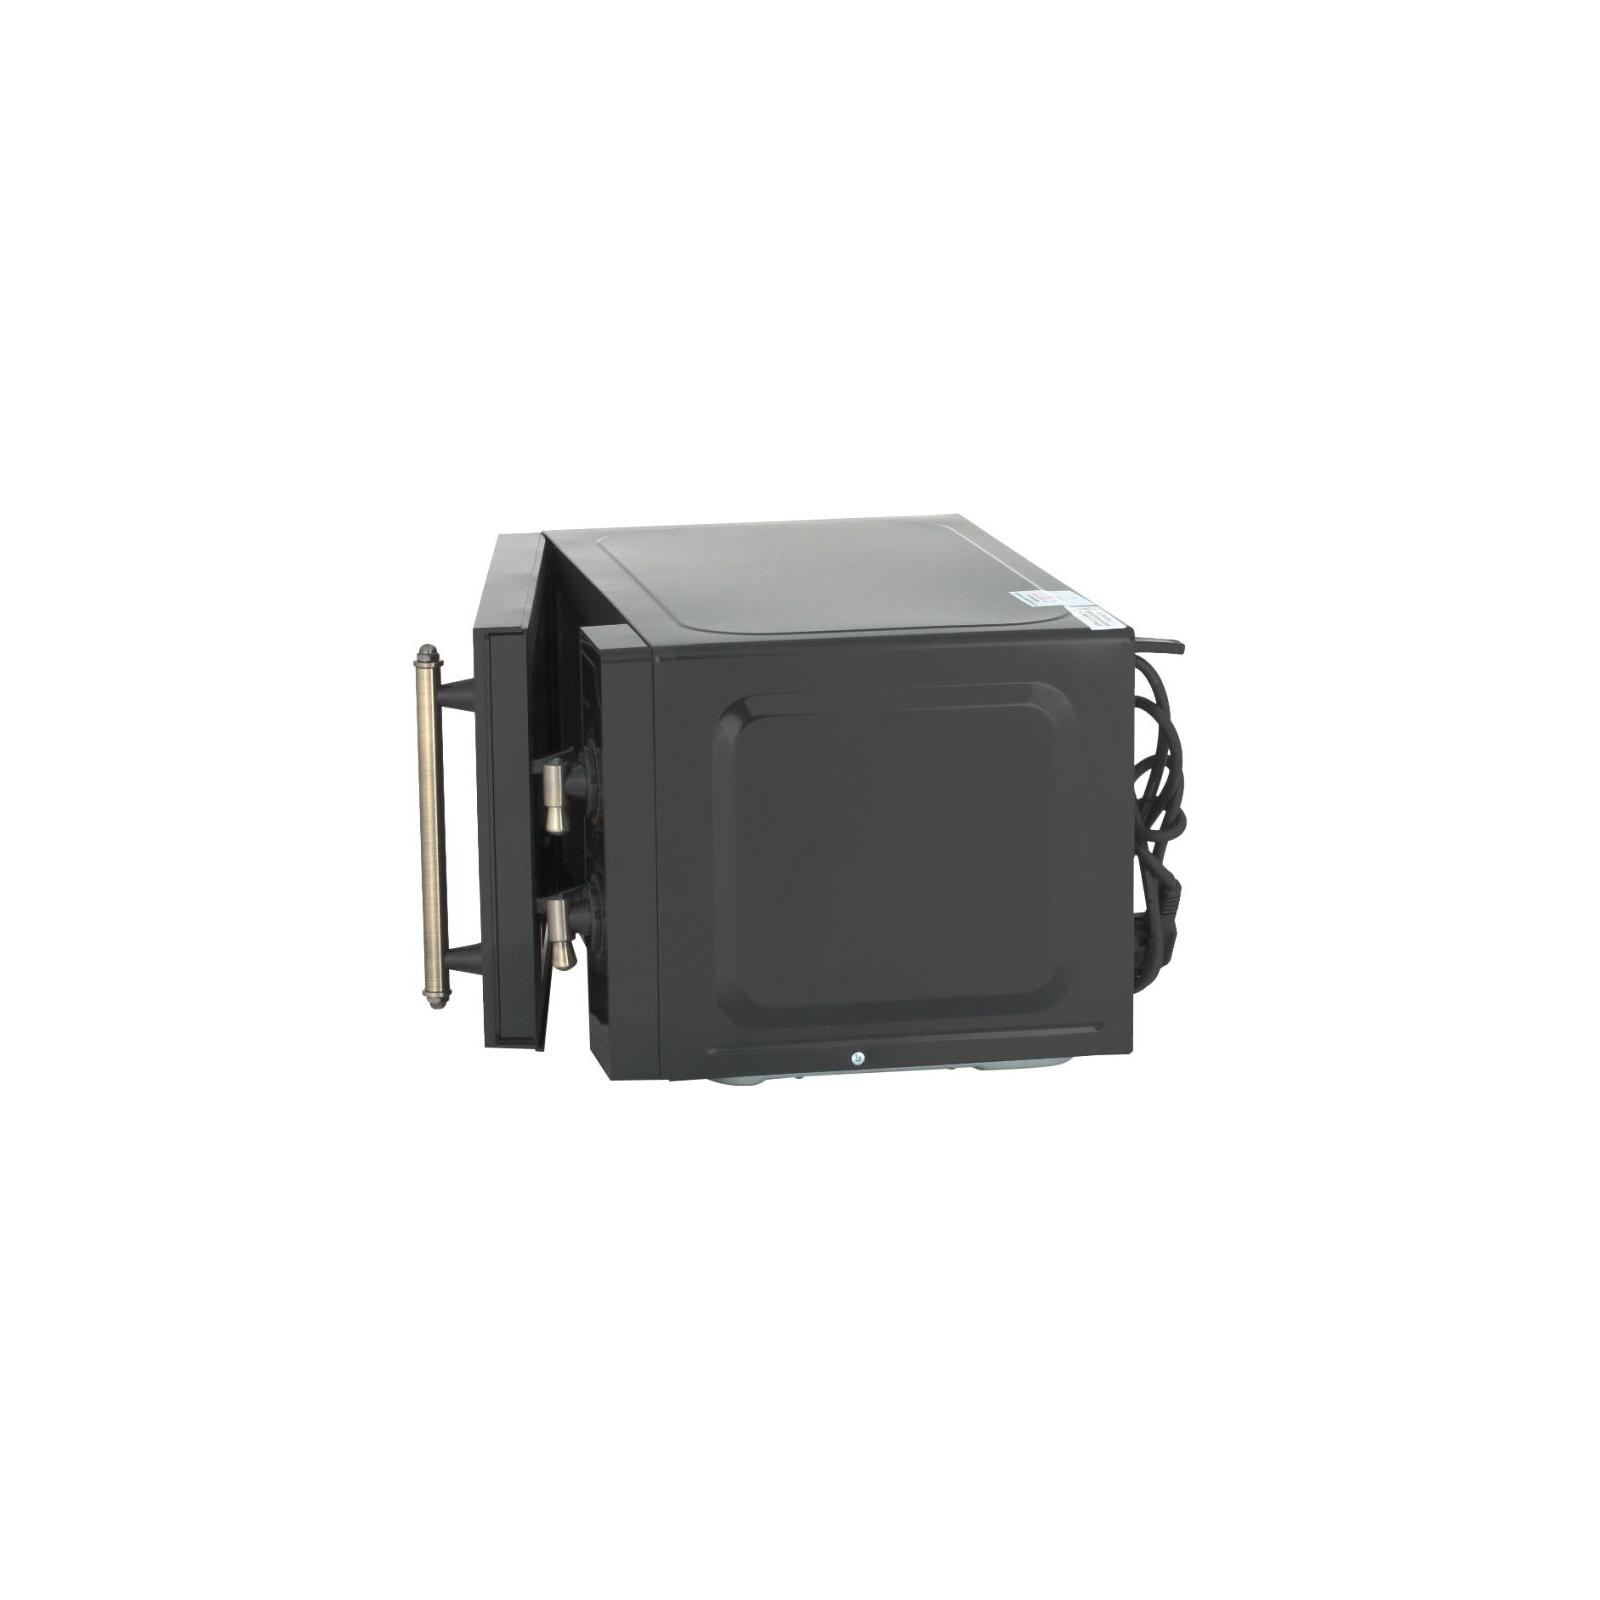 Микроволновая печь MIDEA MG820CJ7-B2 изображение 4